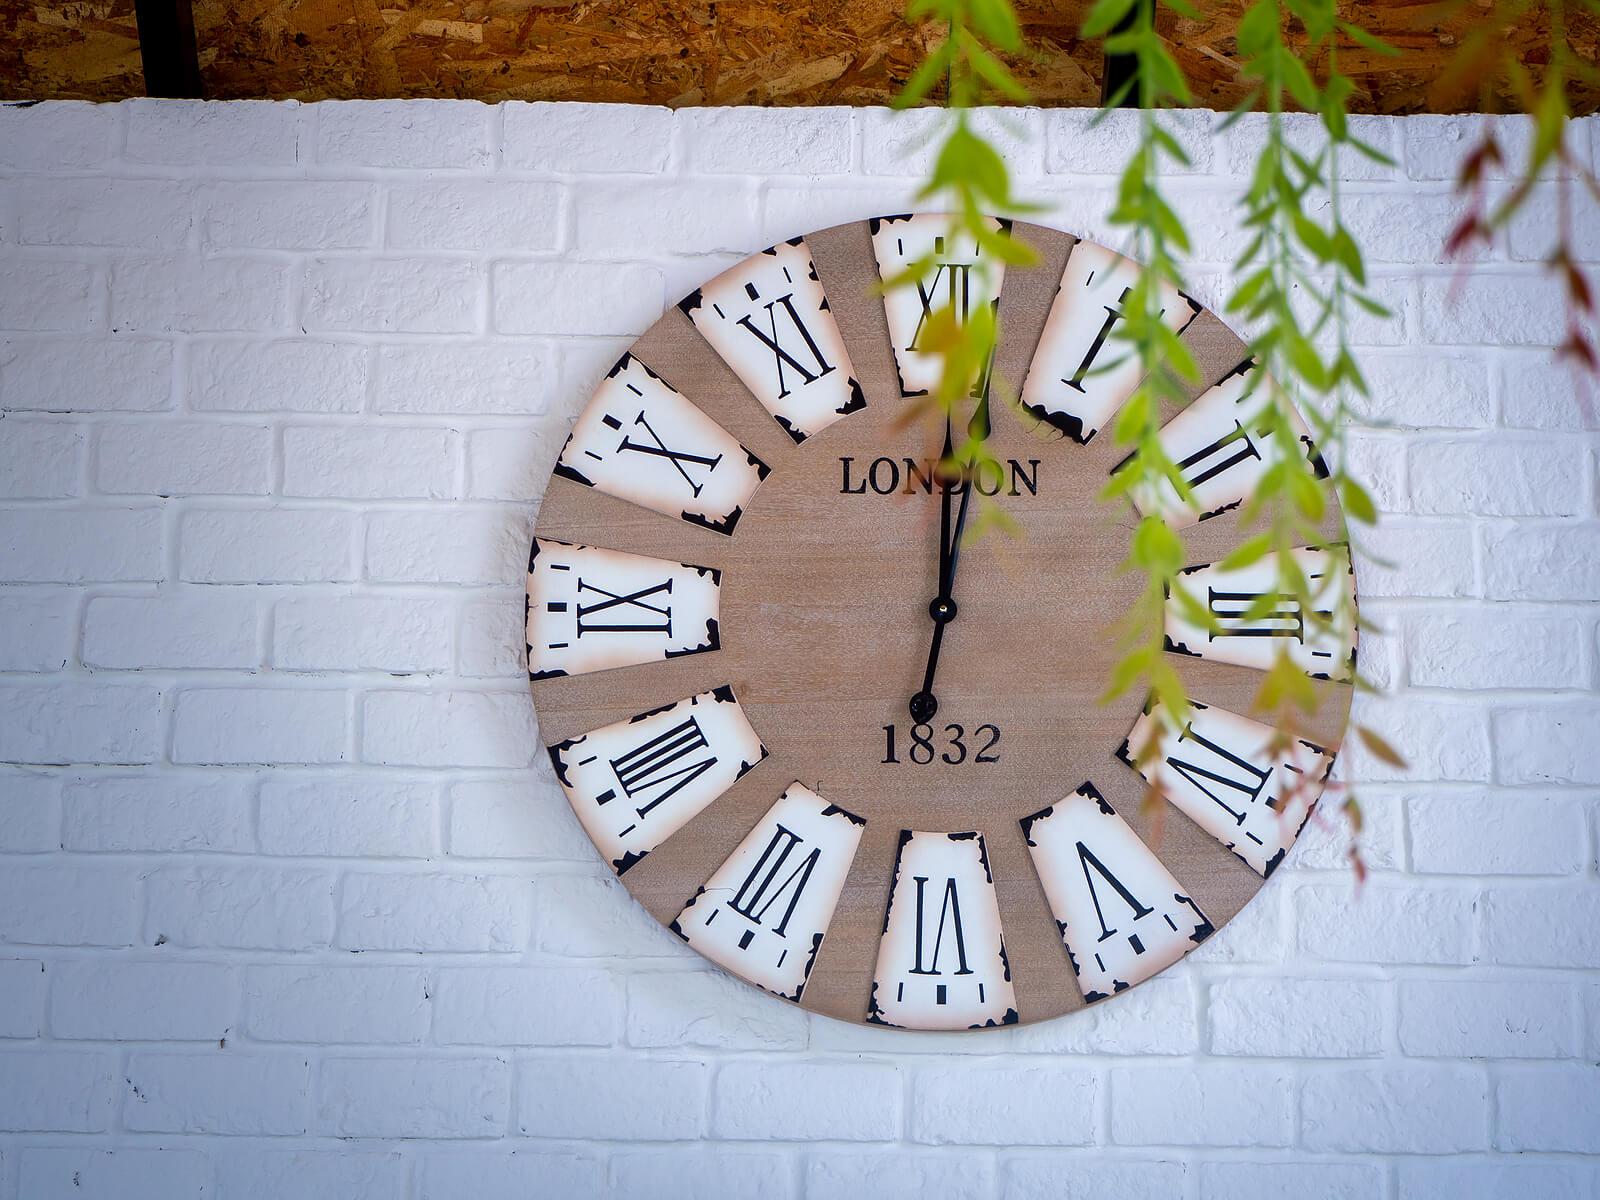 Reloj con las horas en números romanos.